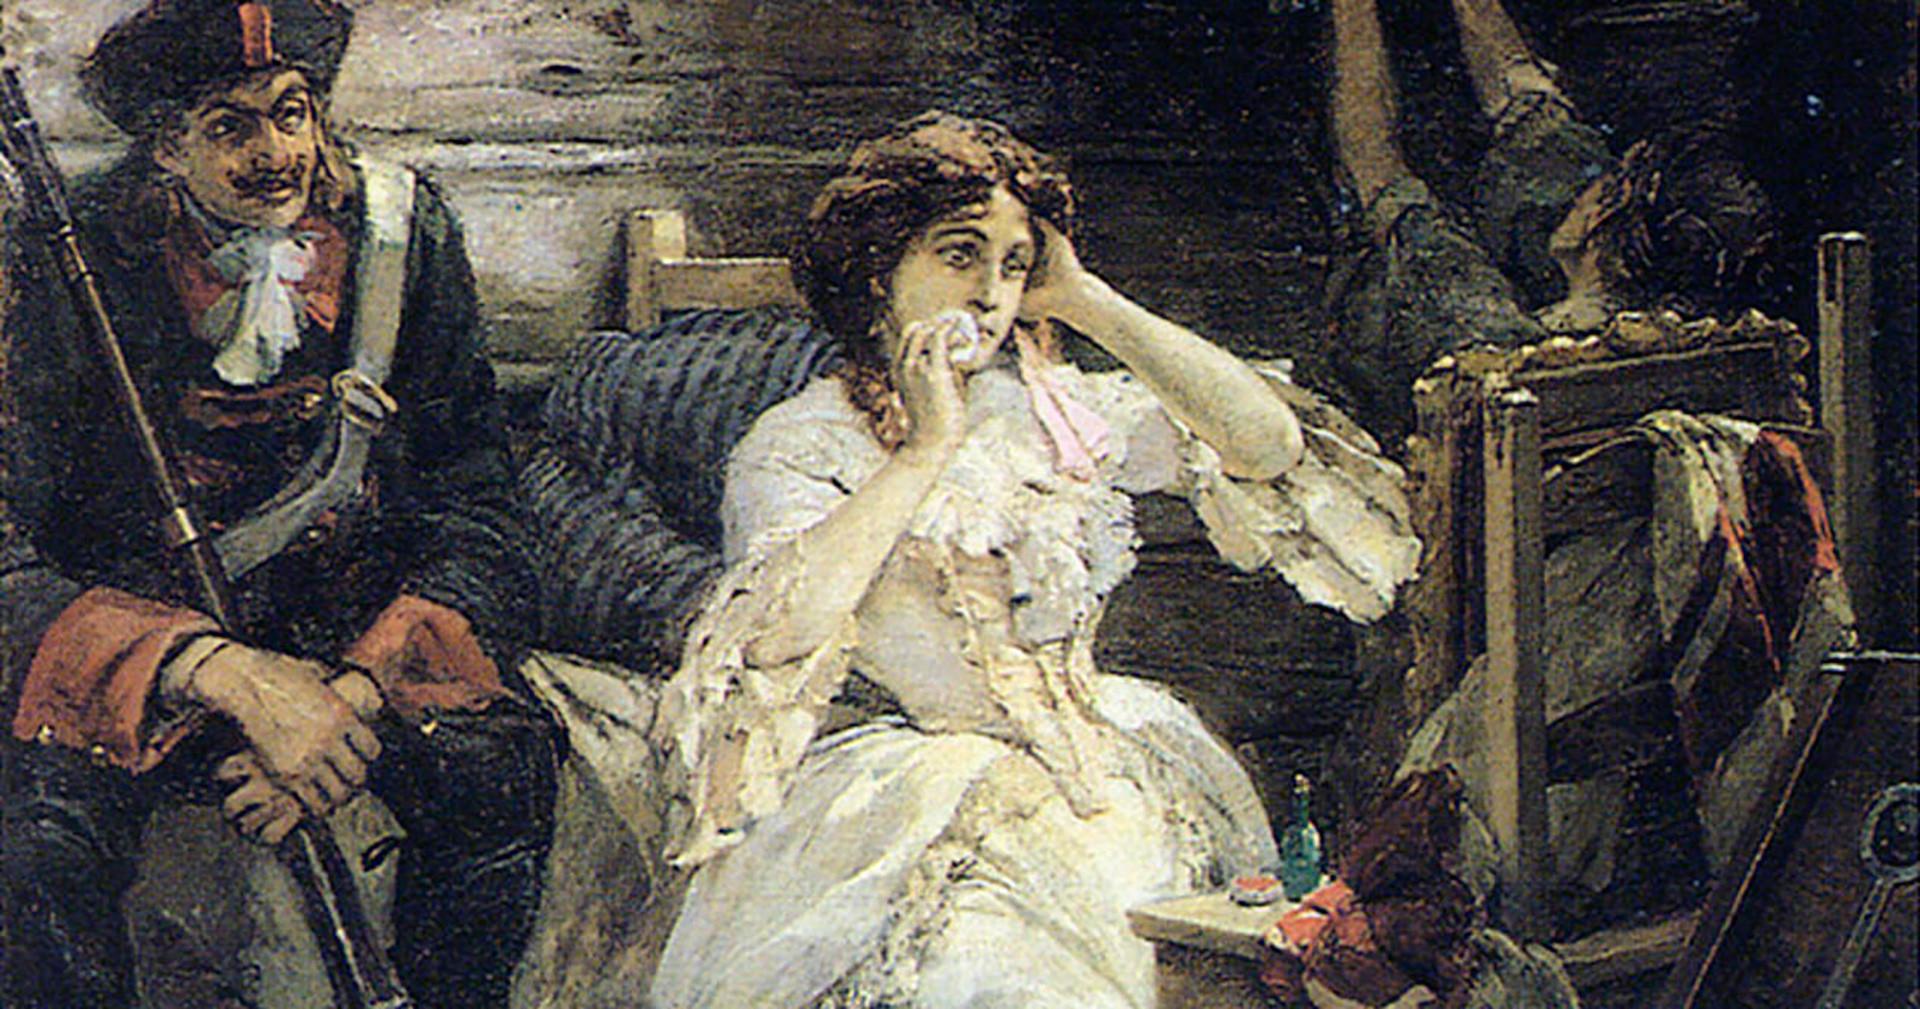 Mary Hamilton prima dell'esecuzione